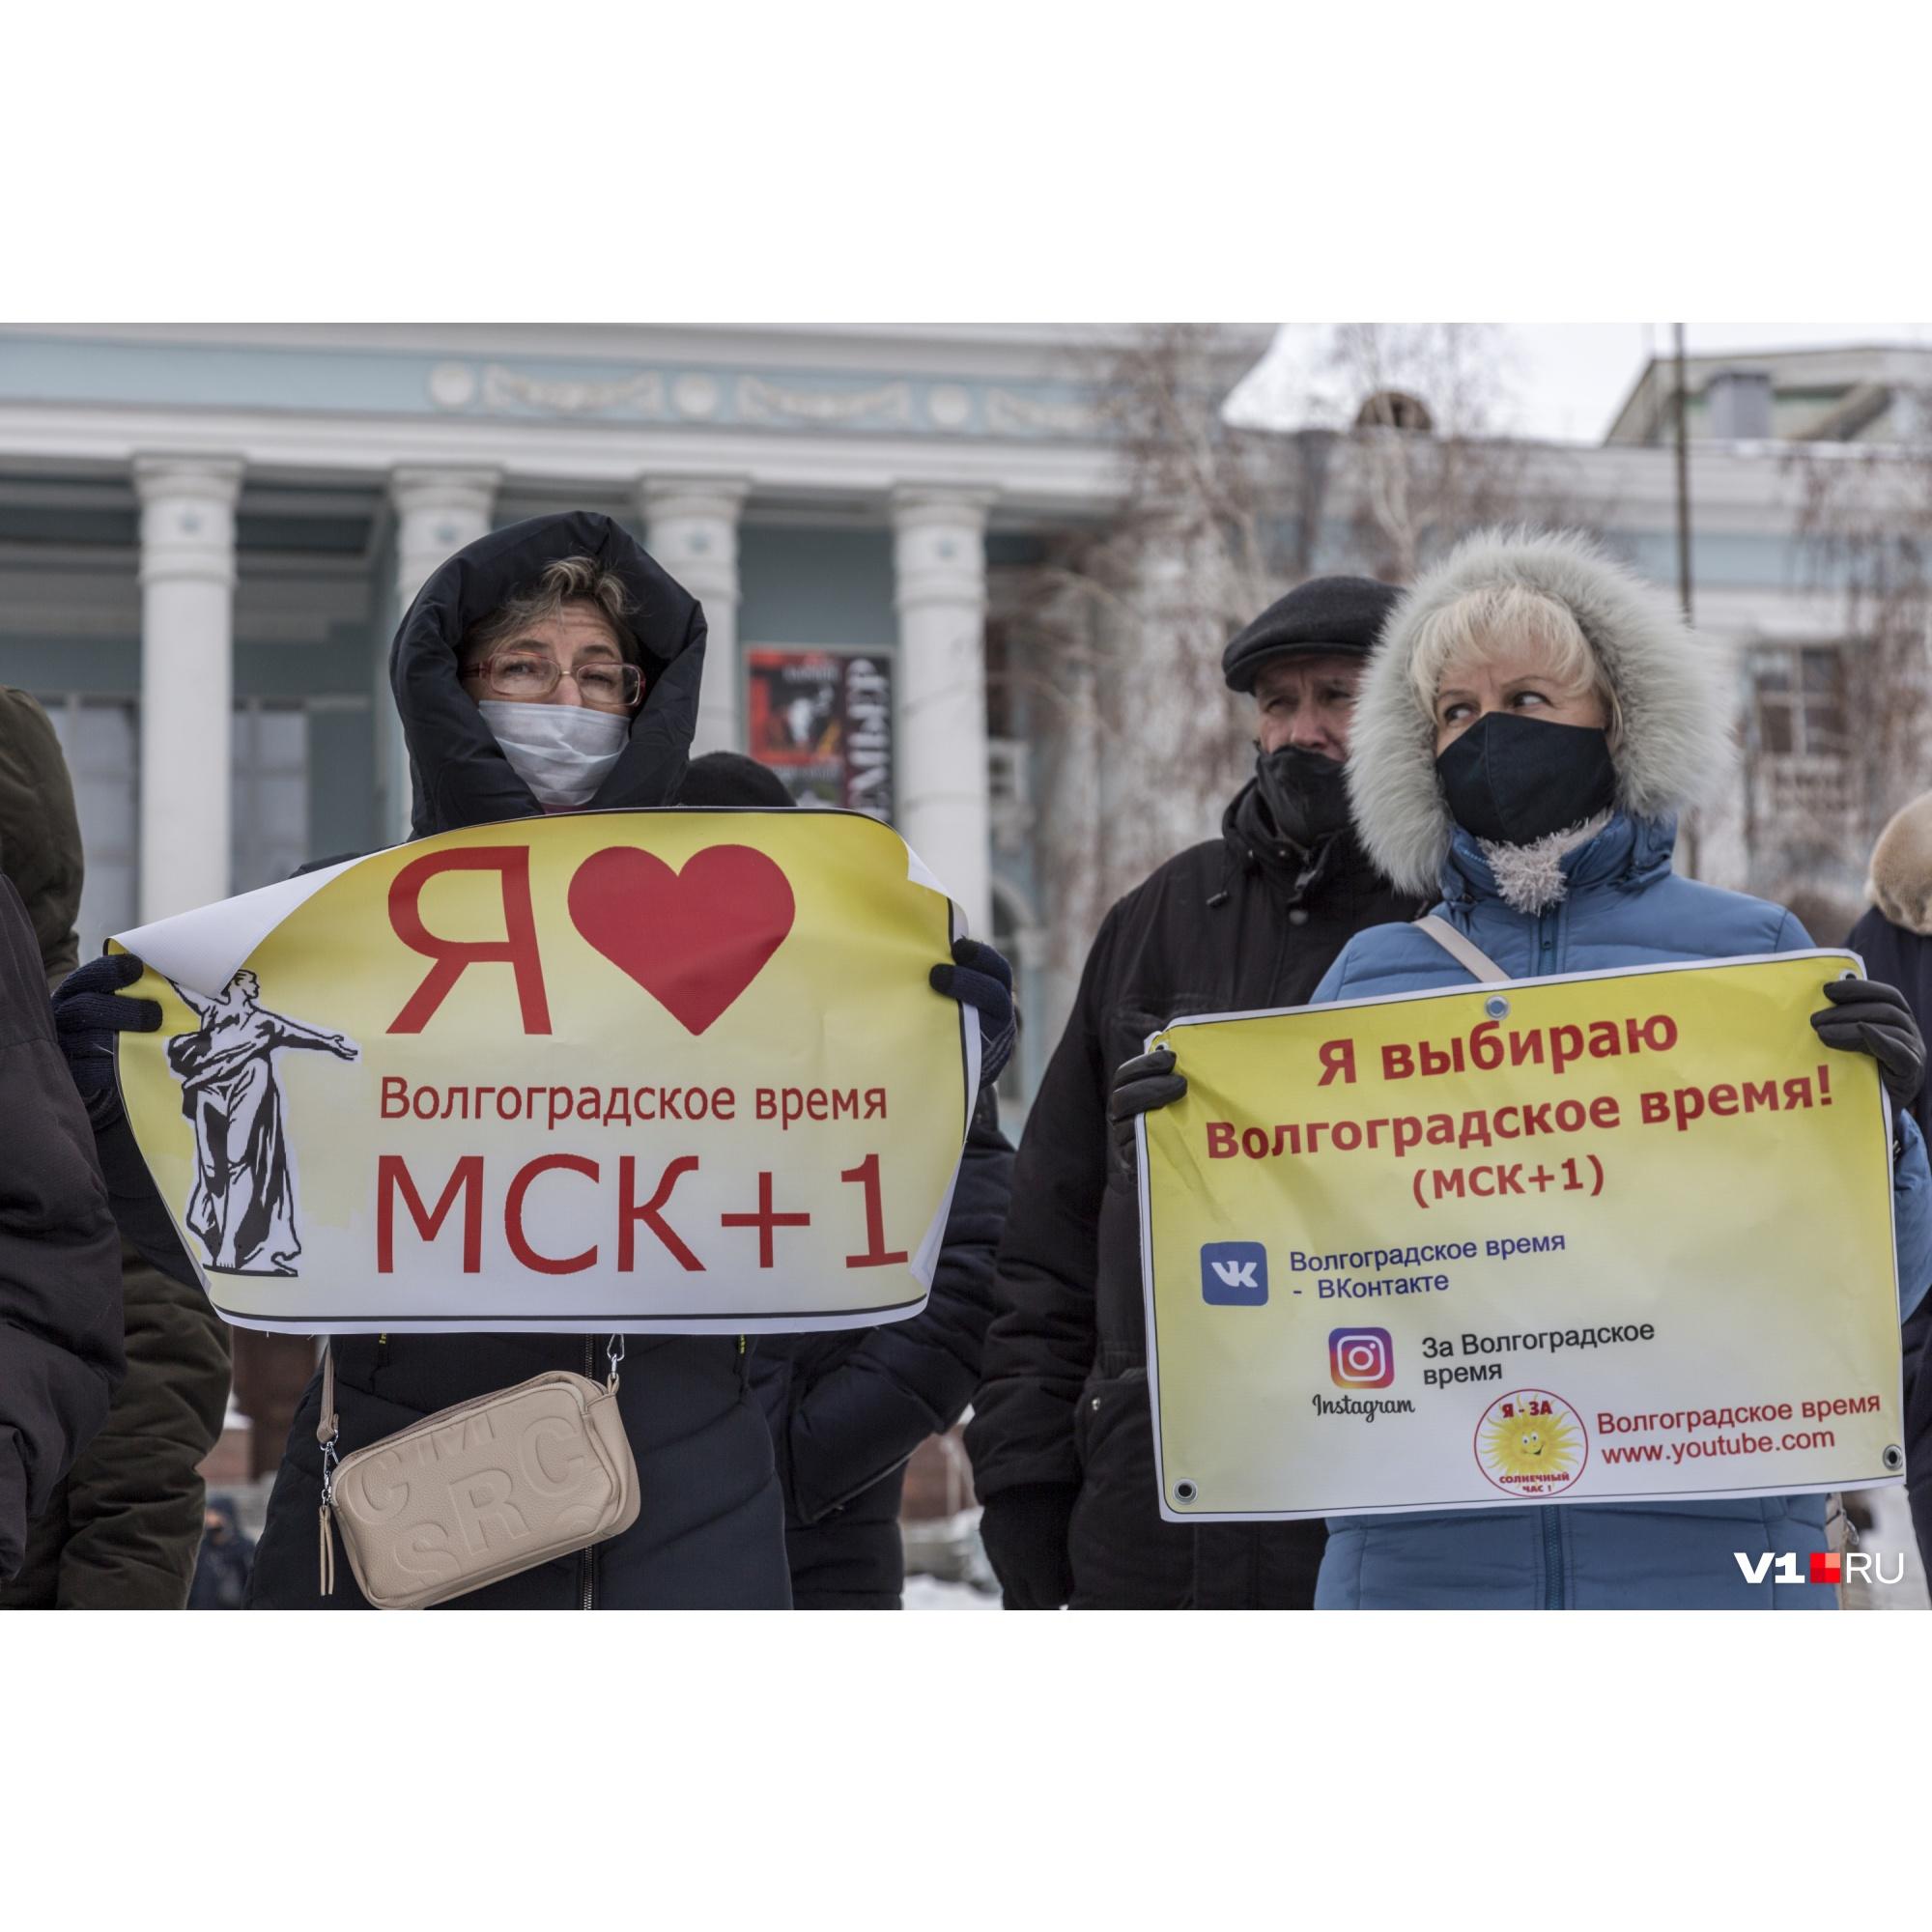 Волгоградцы верят, что должны хоть на час отличаться от Москвы